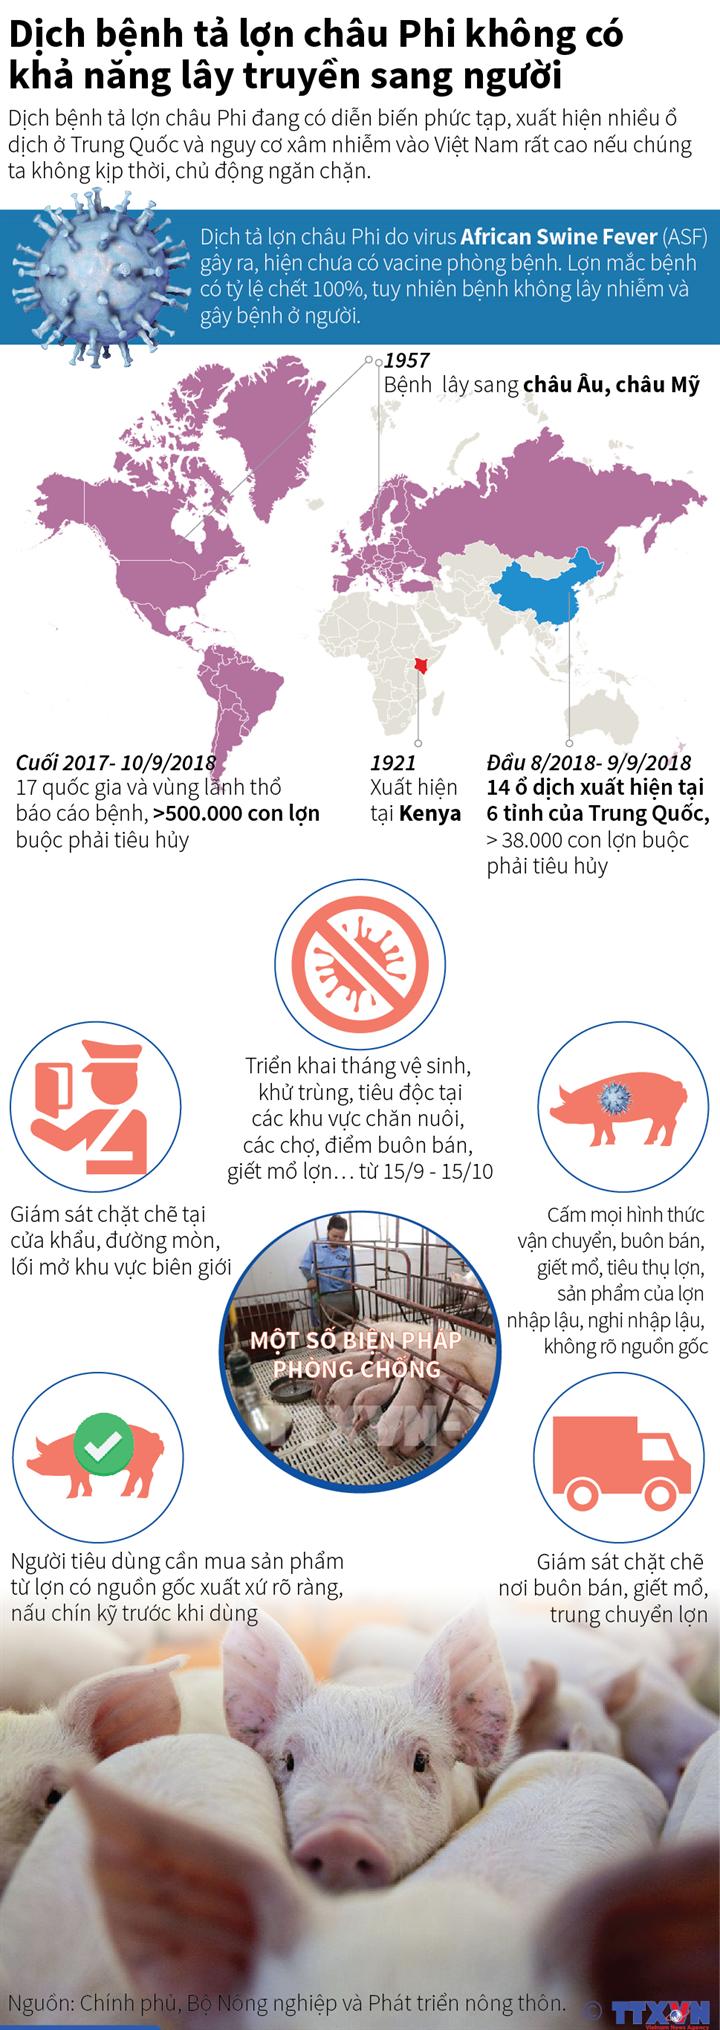 Dịch bệnh tả lợn châu Phi không có khả năng lây truyền sang người